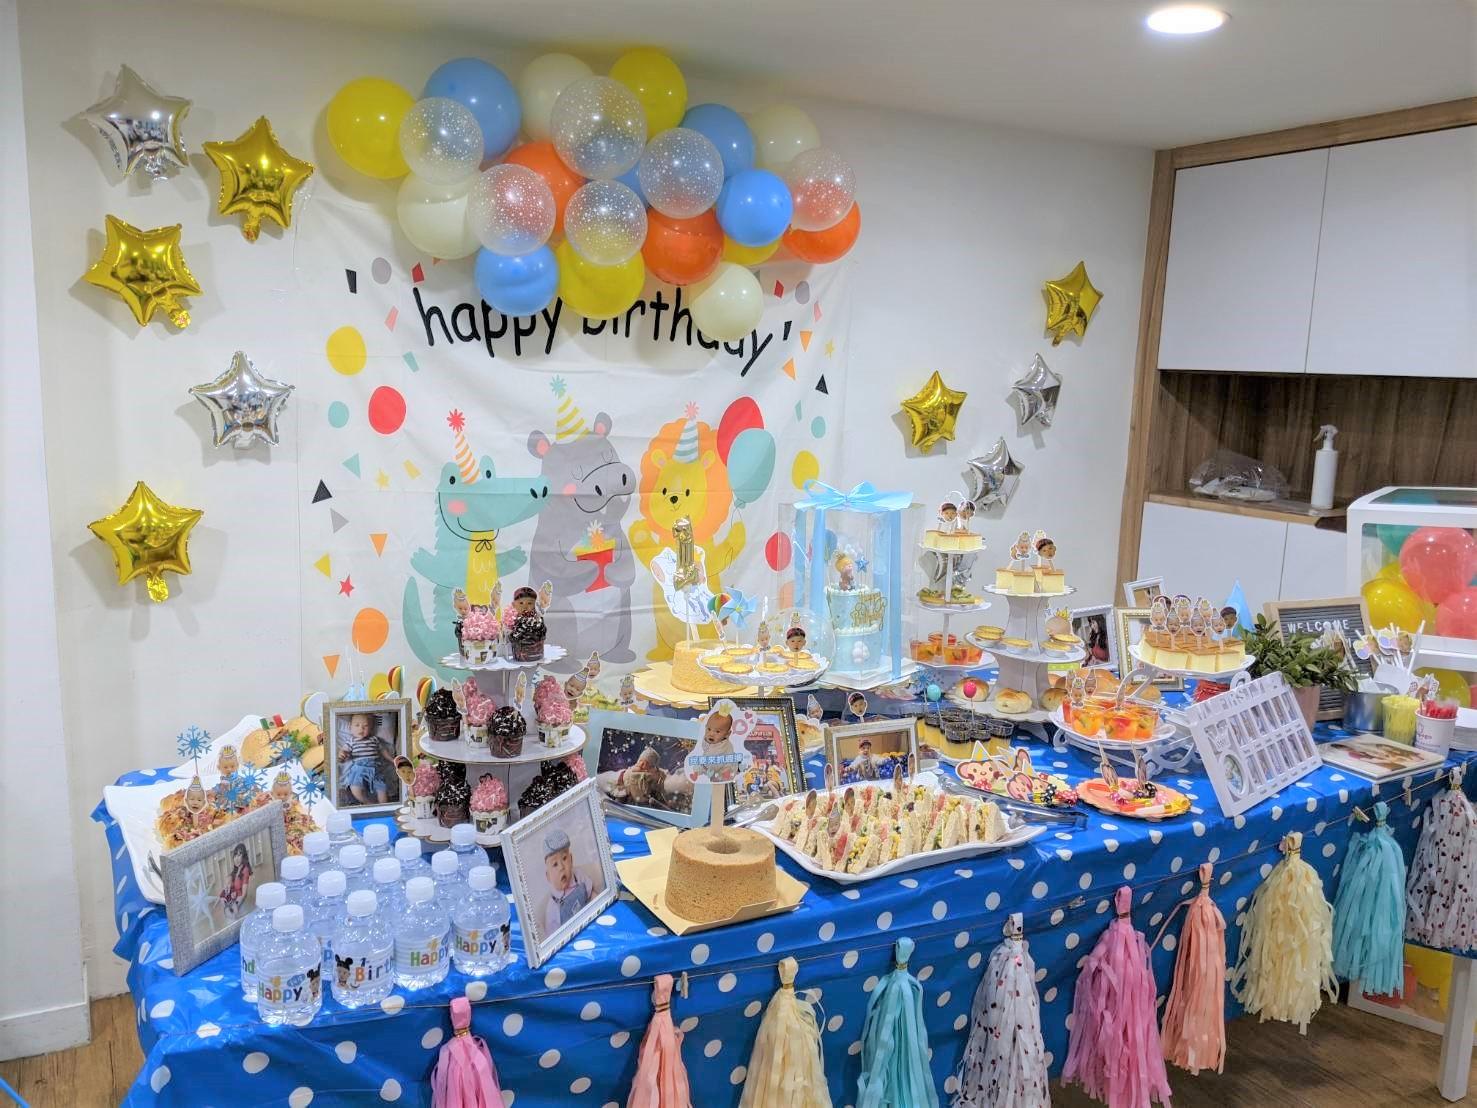 【寶寶周歲抓周慶生派對】全部媽媽親力親為,耗時兩個月規劃,蛋糕.場地.佈置.餐點.周邊全紀錄 @小環妞 幸福足跡